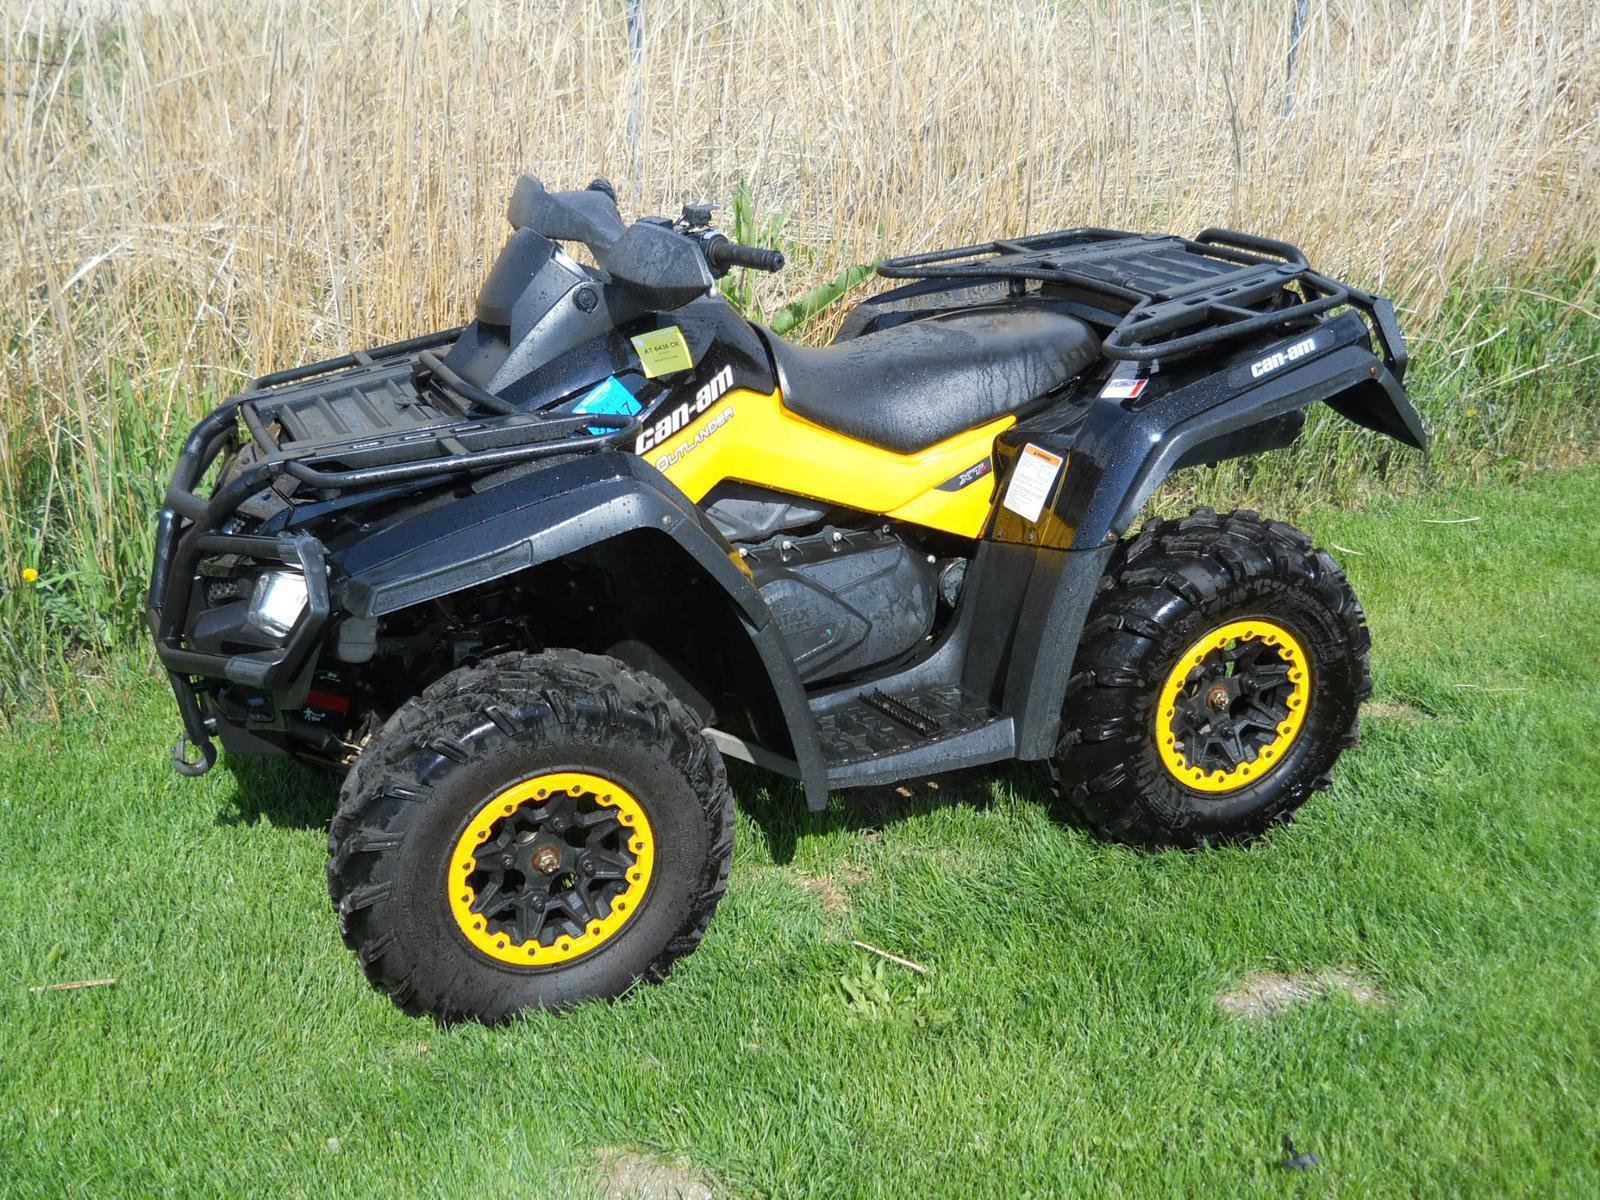 $7,500, 2011 Can-Am OUTLANDER XT-P 800